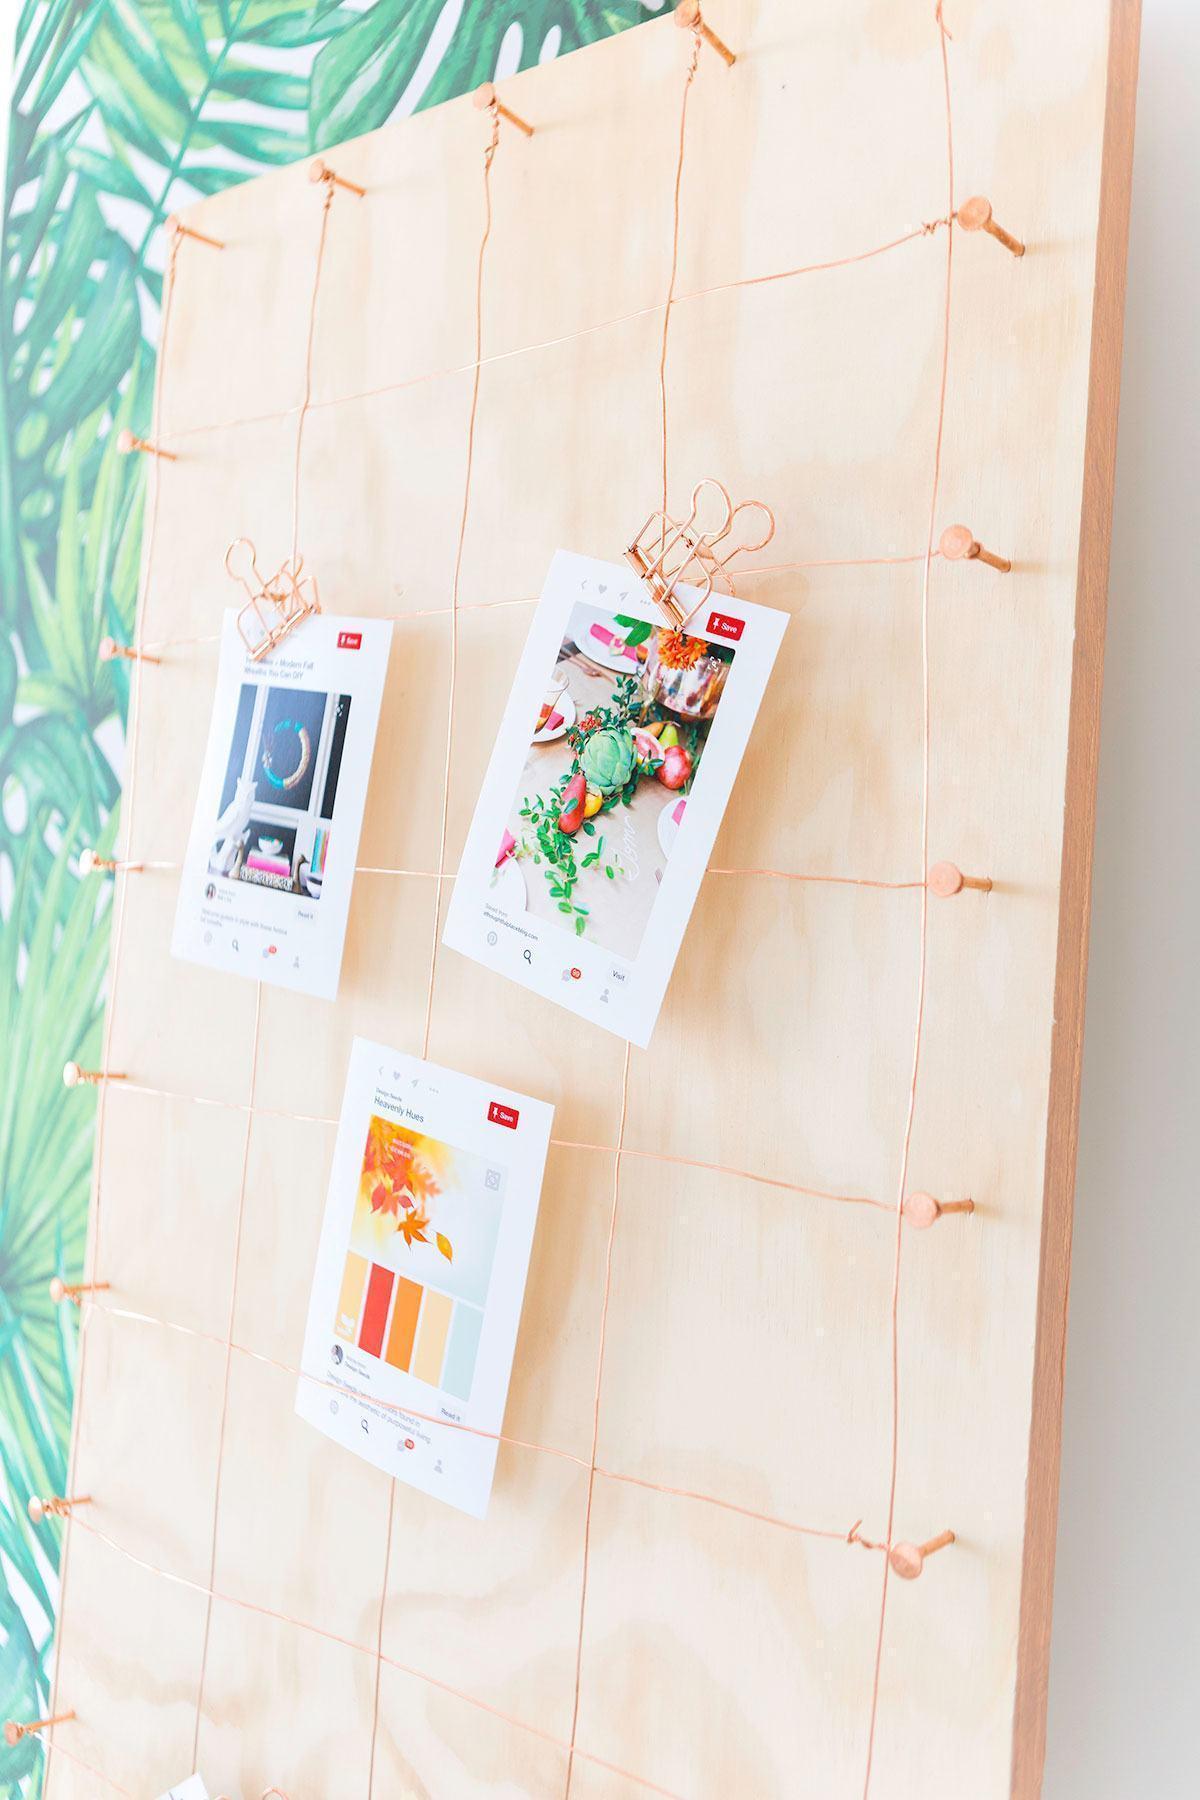 Suporte / mural de madeira para pendurar papéis com ideias e referências.